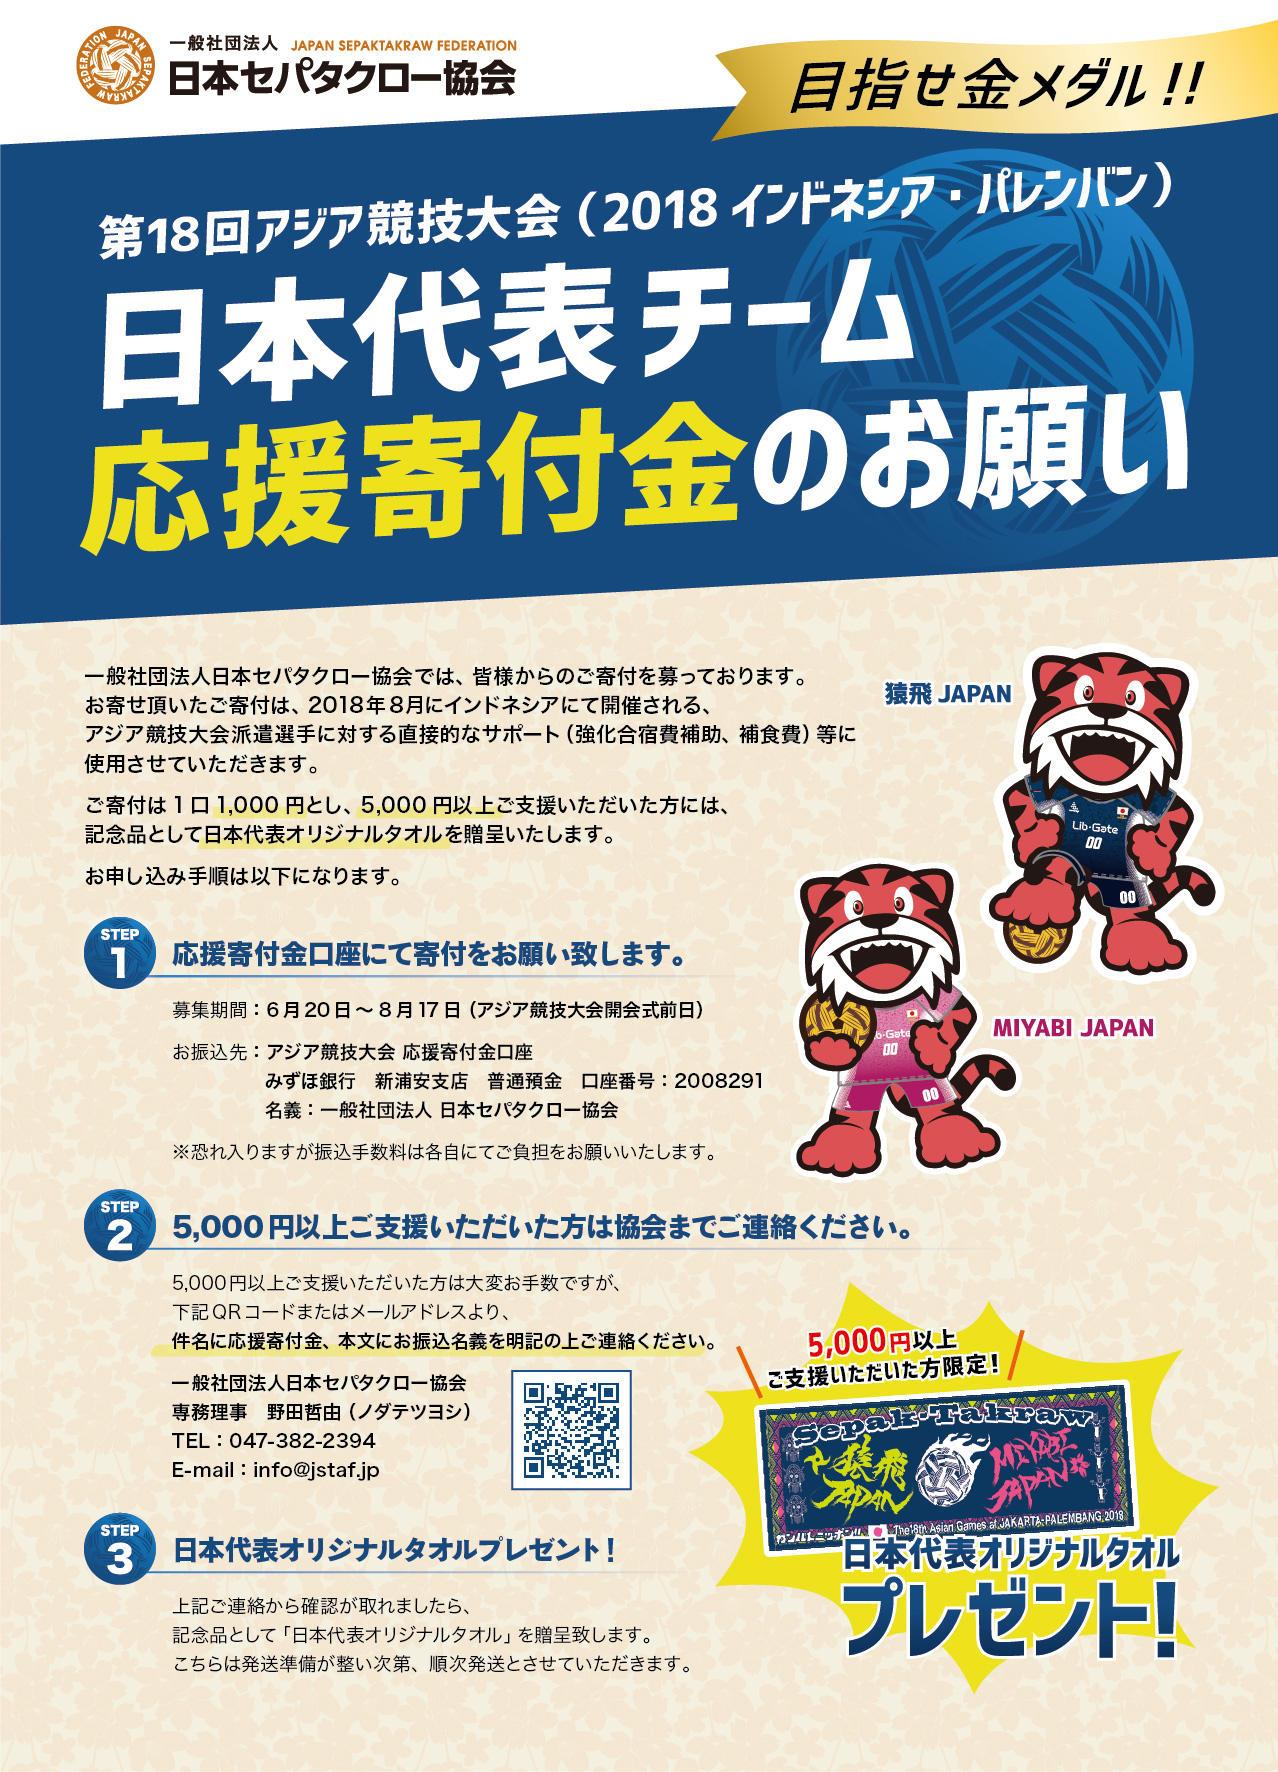 http://jstaf.jp/pop_ouenkihukin.jpg